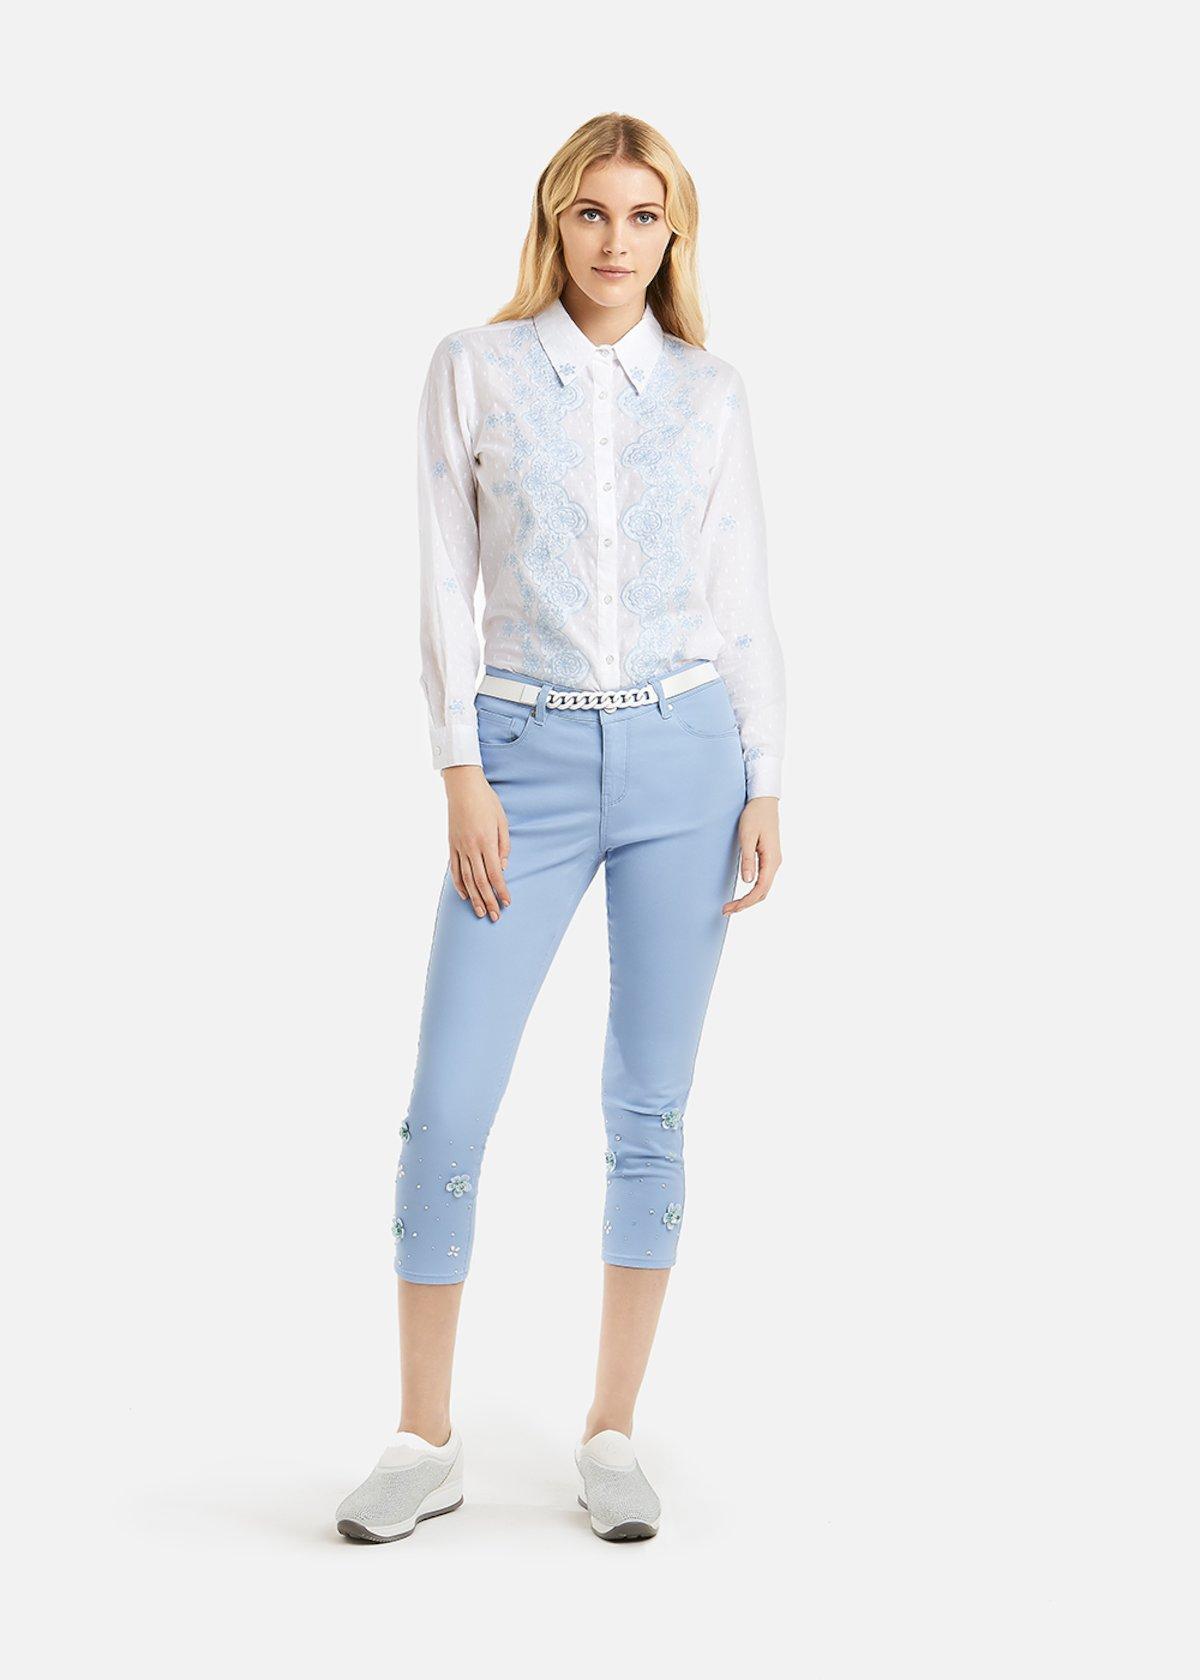 Pantaloni Picky 5 tasche con dettaglio fiori - Morning